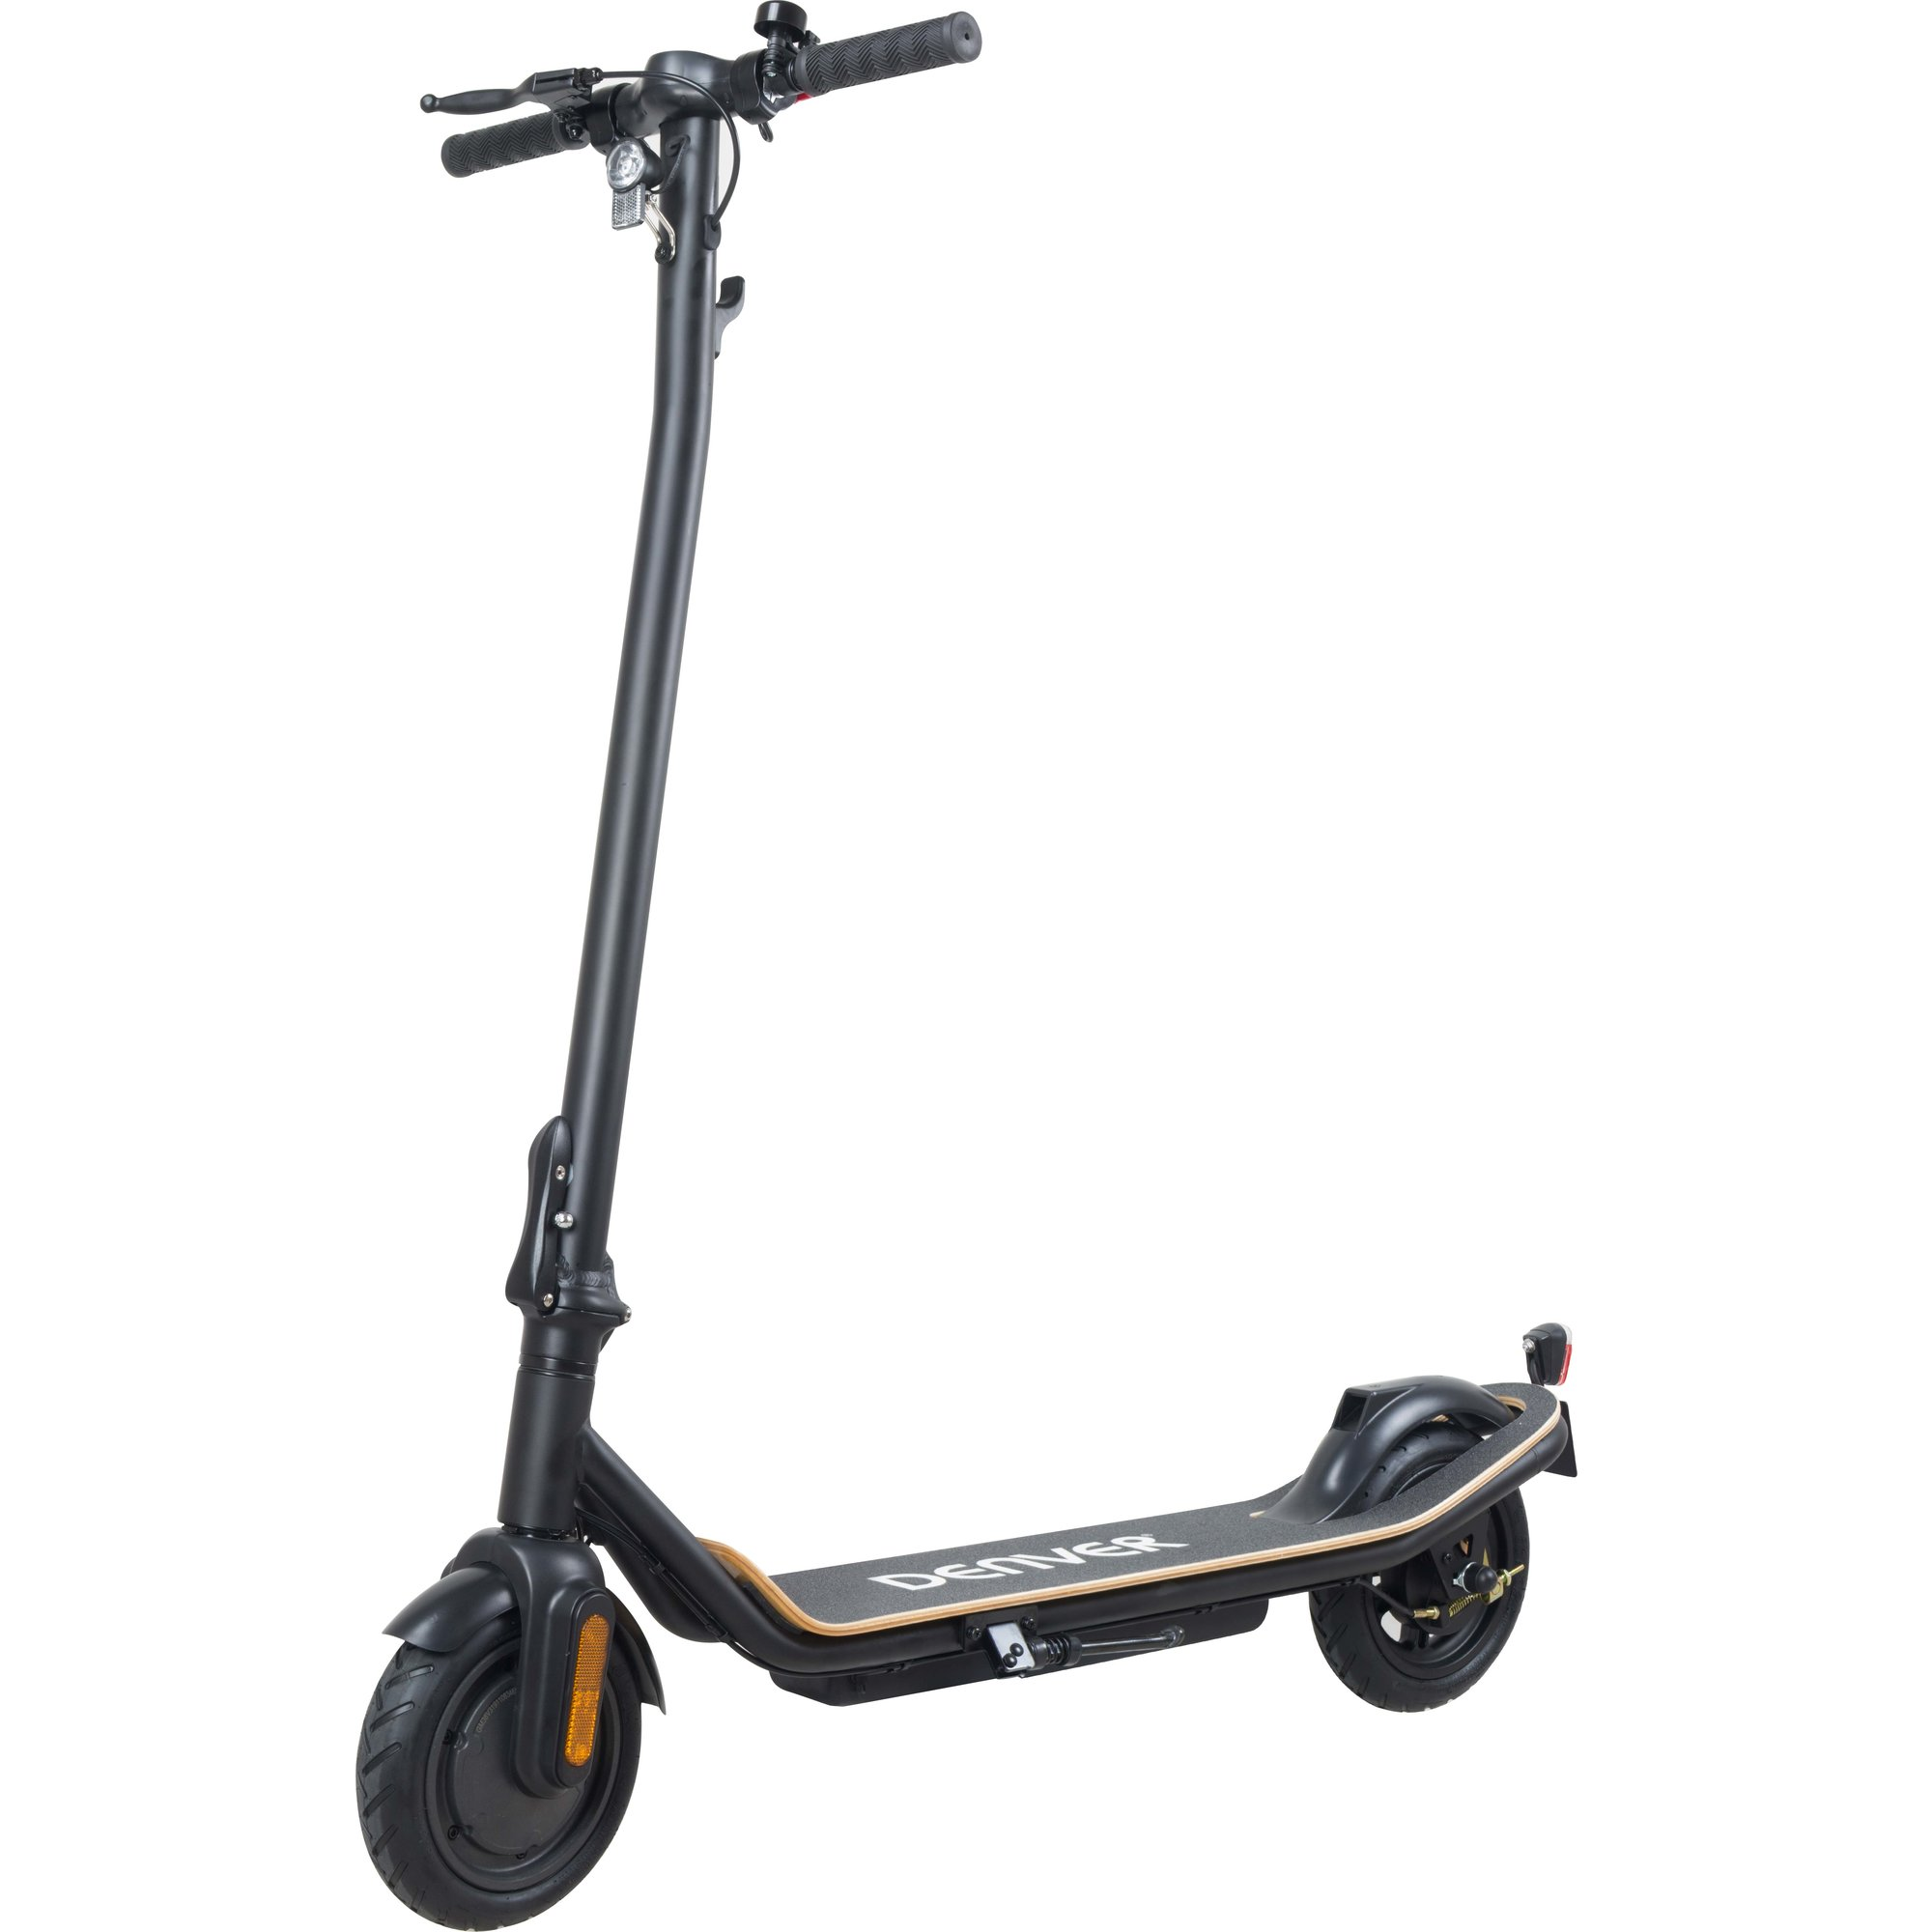 Denver SCO-85351 THOR elektrisk scooter